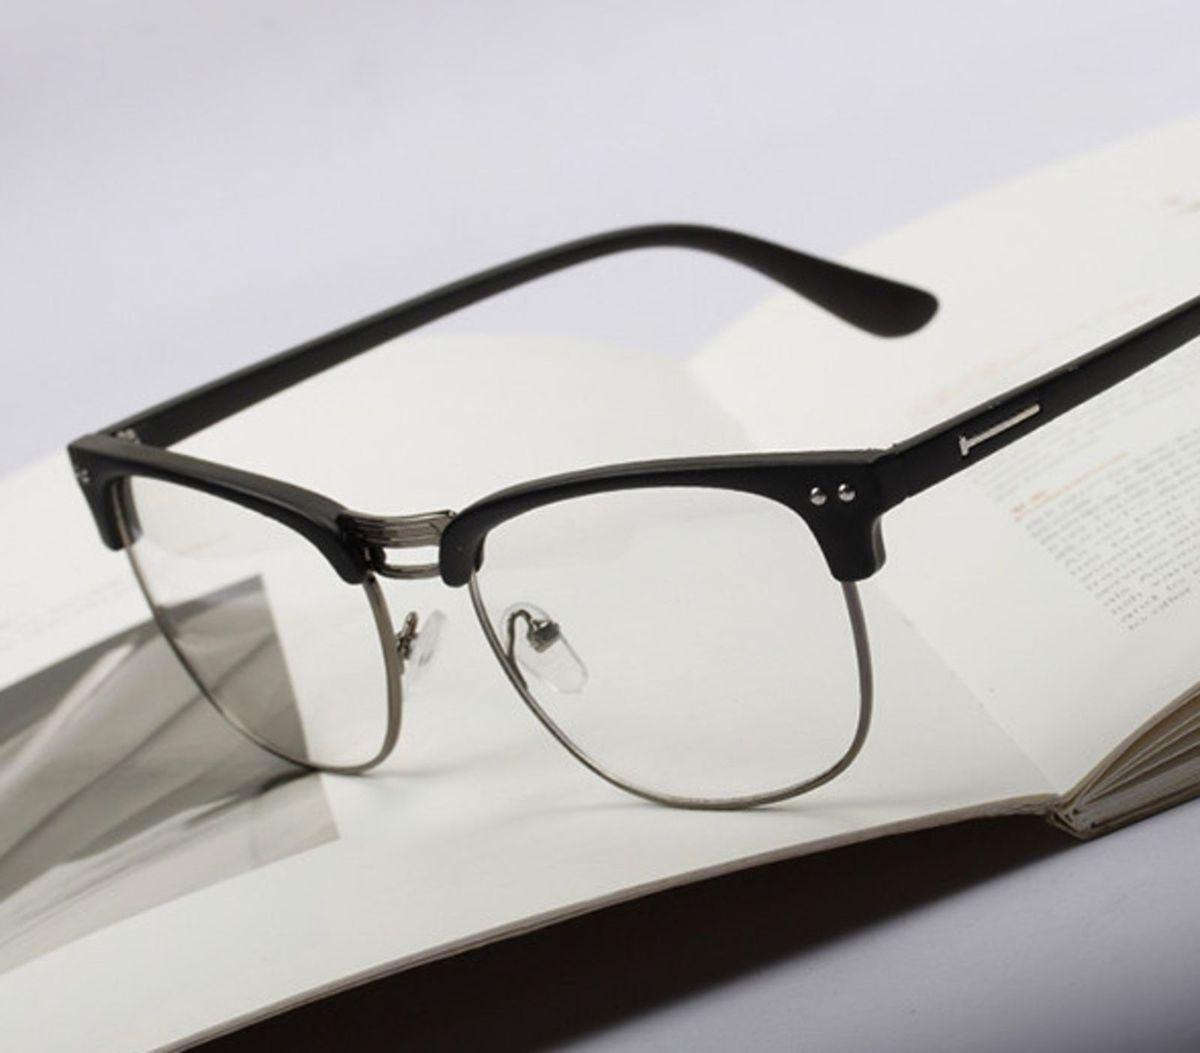 armação óculos estilo nerd vintage quadrado preto com prata - óculos otto  store 89249adce1